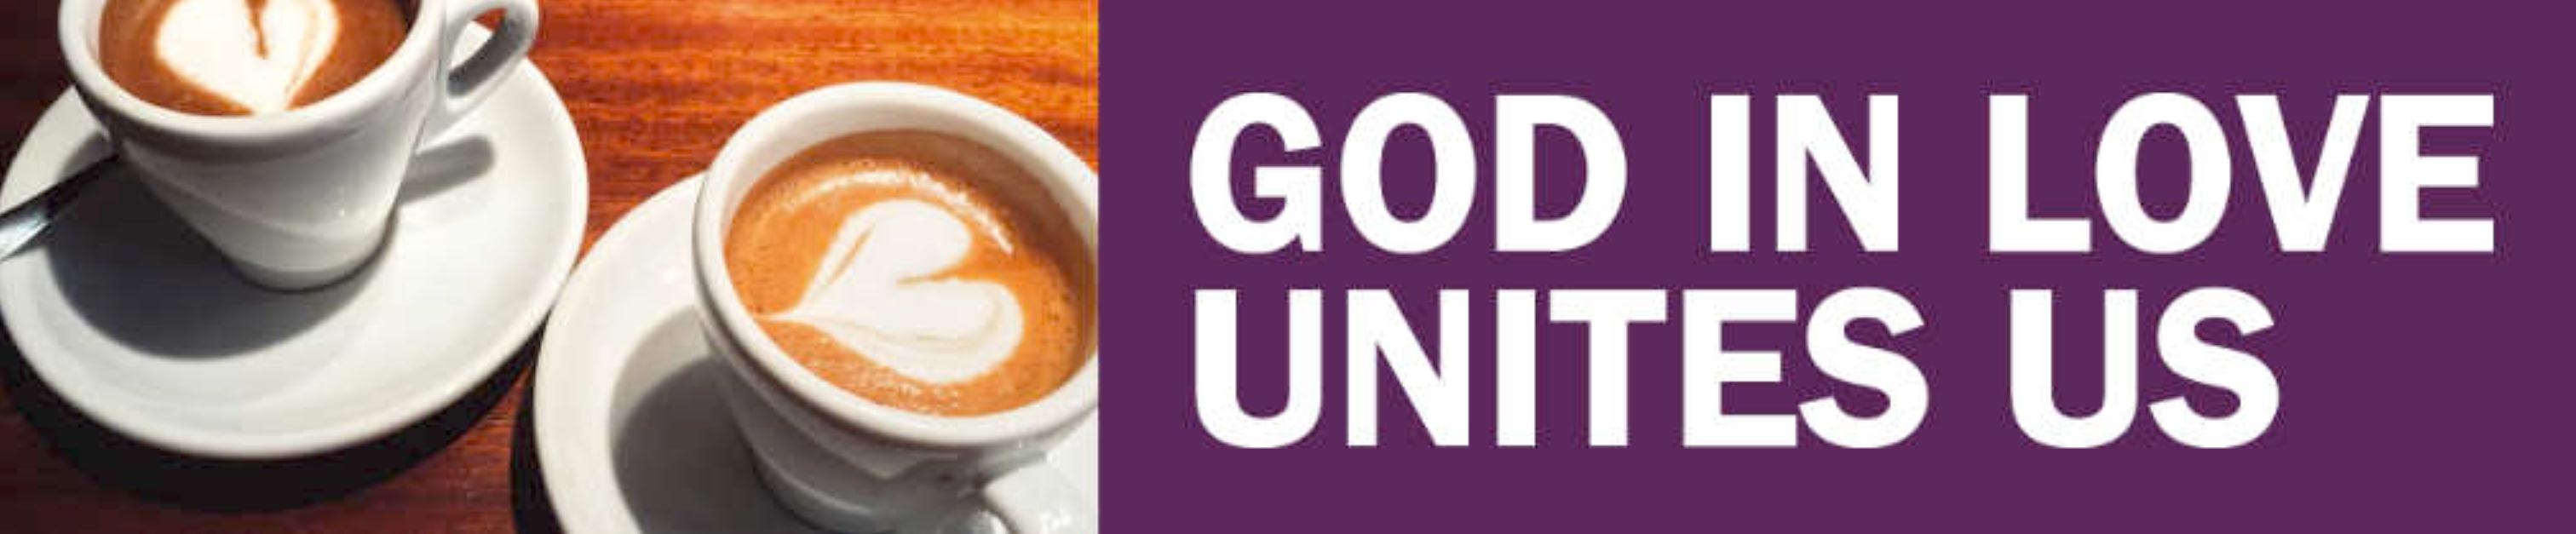 God In Love Unites Us